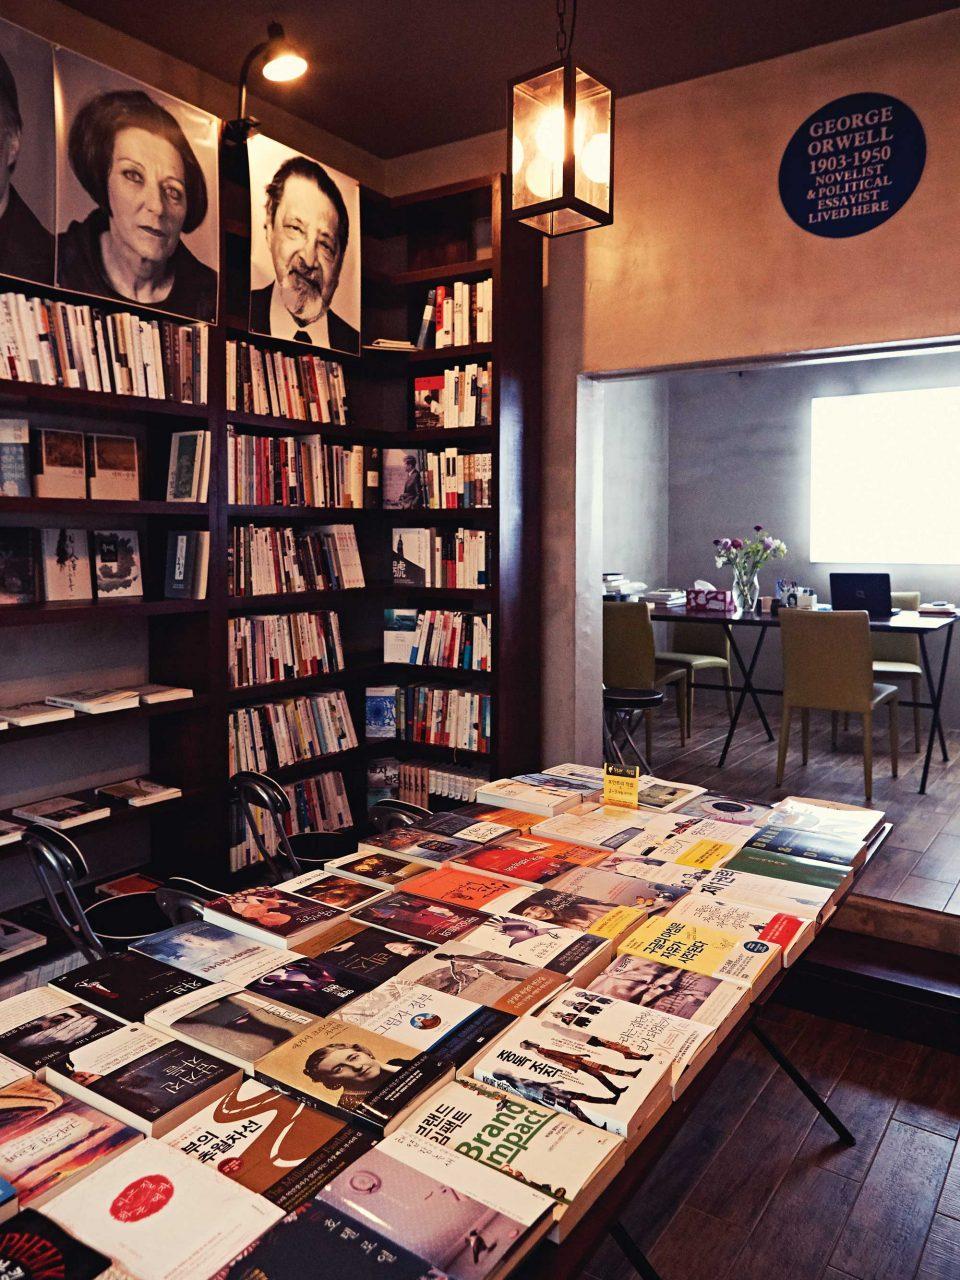 인문학 서점 조지오웰의 혜안. 꽂힌 책들을 둘러보자면 독서욕이 샘솟는다. © 김재욱